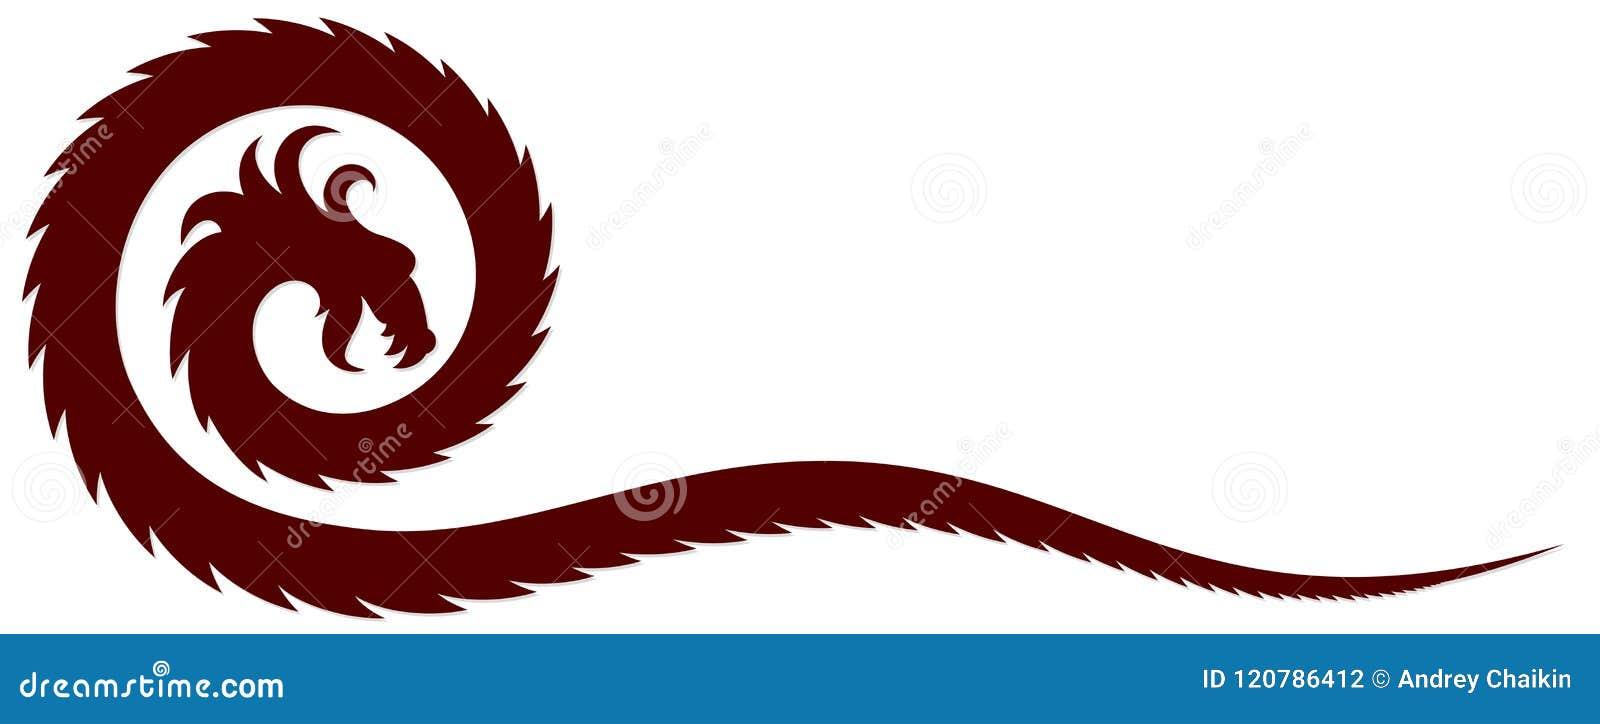 Ένα σύμβολο δράκων